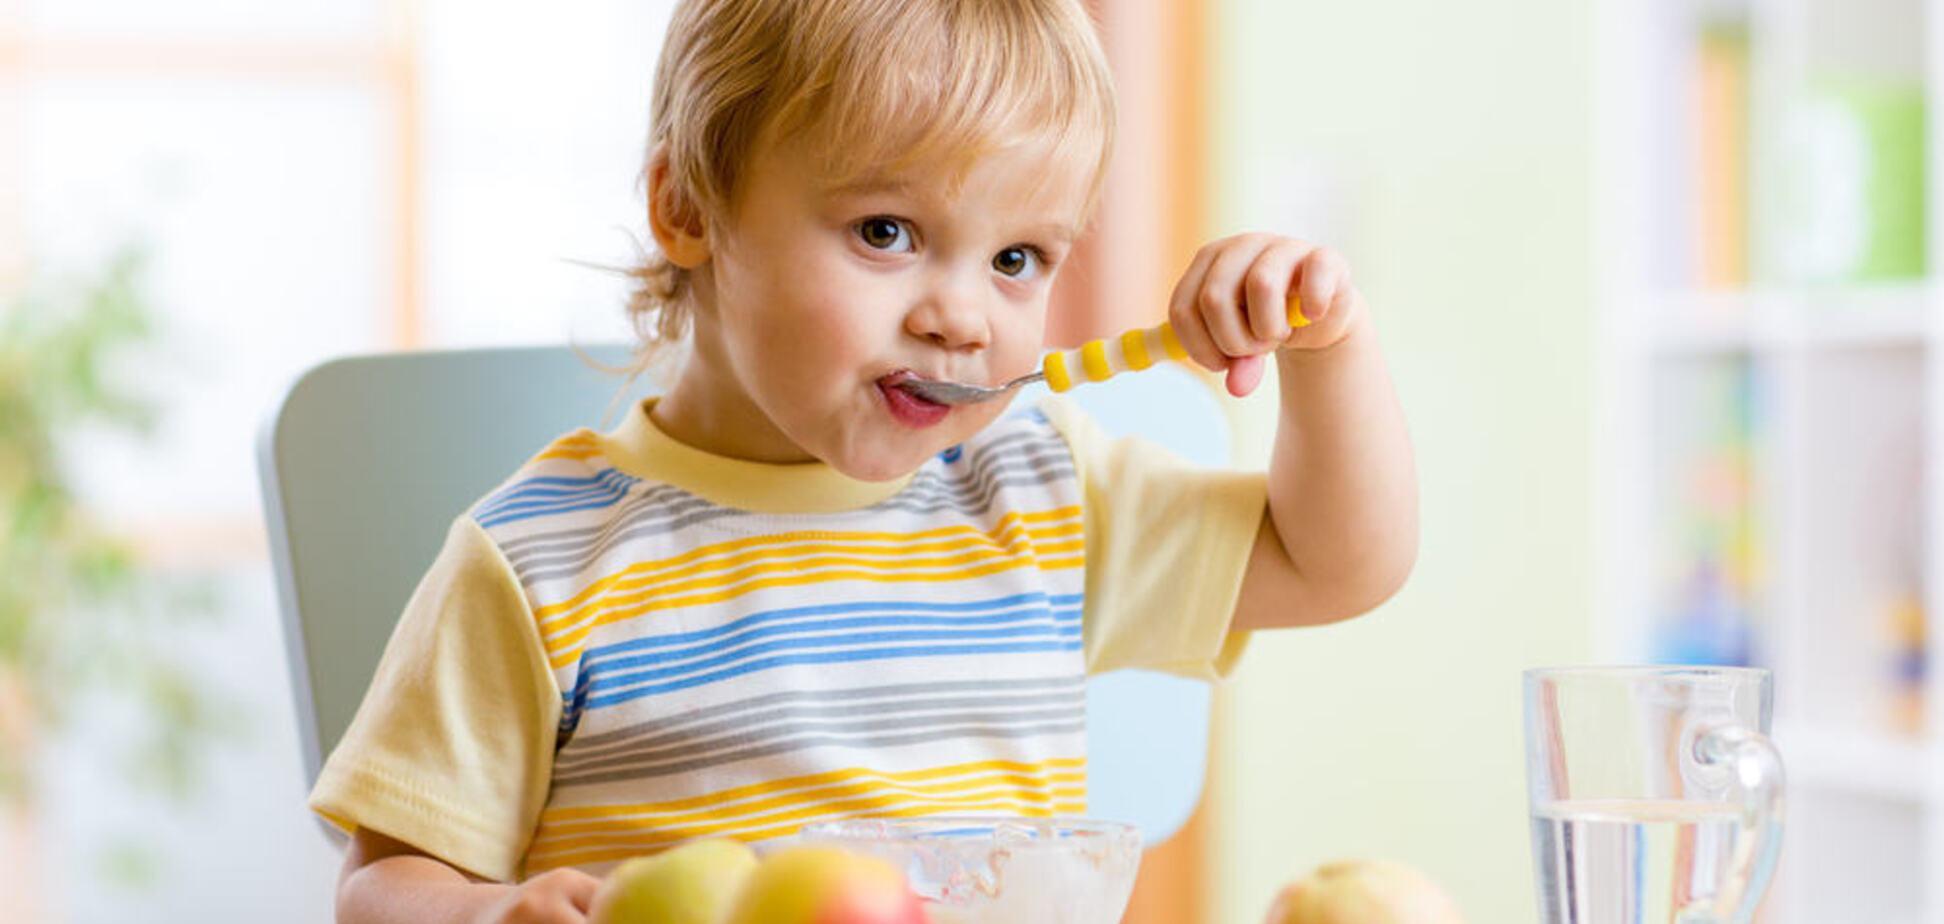 Гастроэзофагеальный рефлюкс у детей и подростков. Часть 3